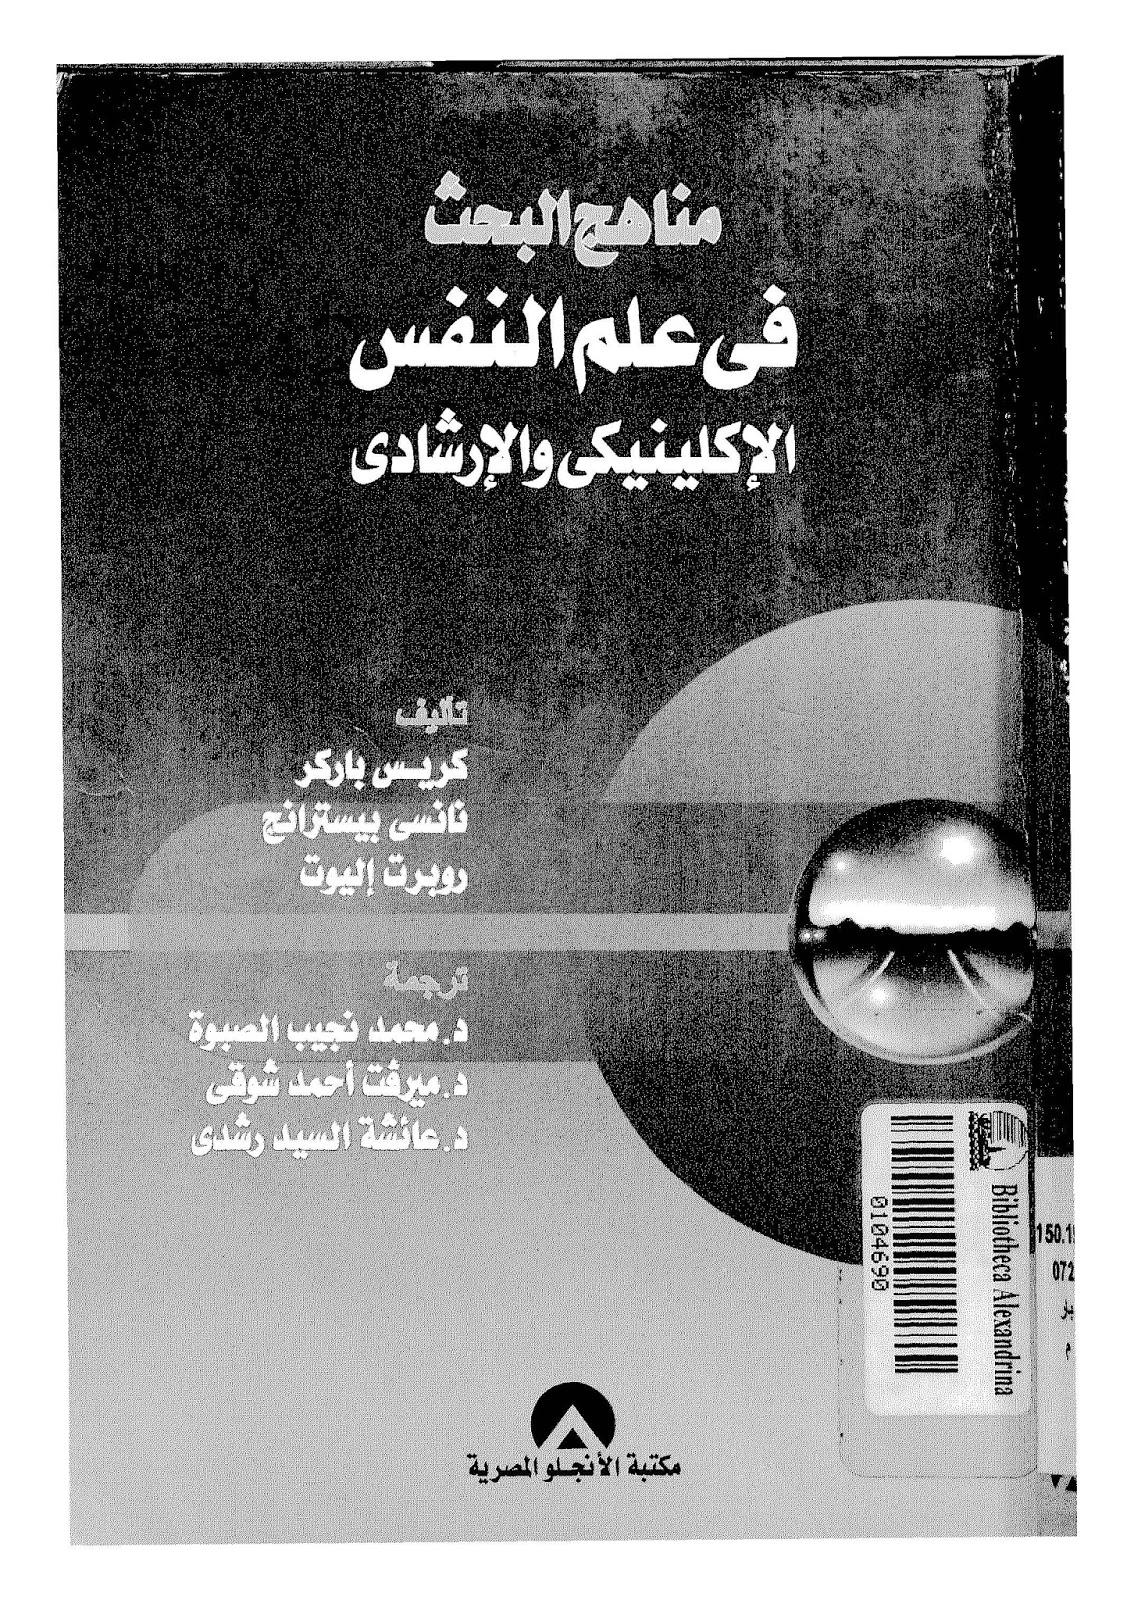 مناهج البحث في علم النفس الإكلينيكي والإرشادي لـ كتاب غربيين